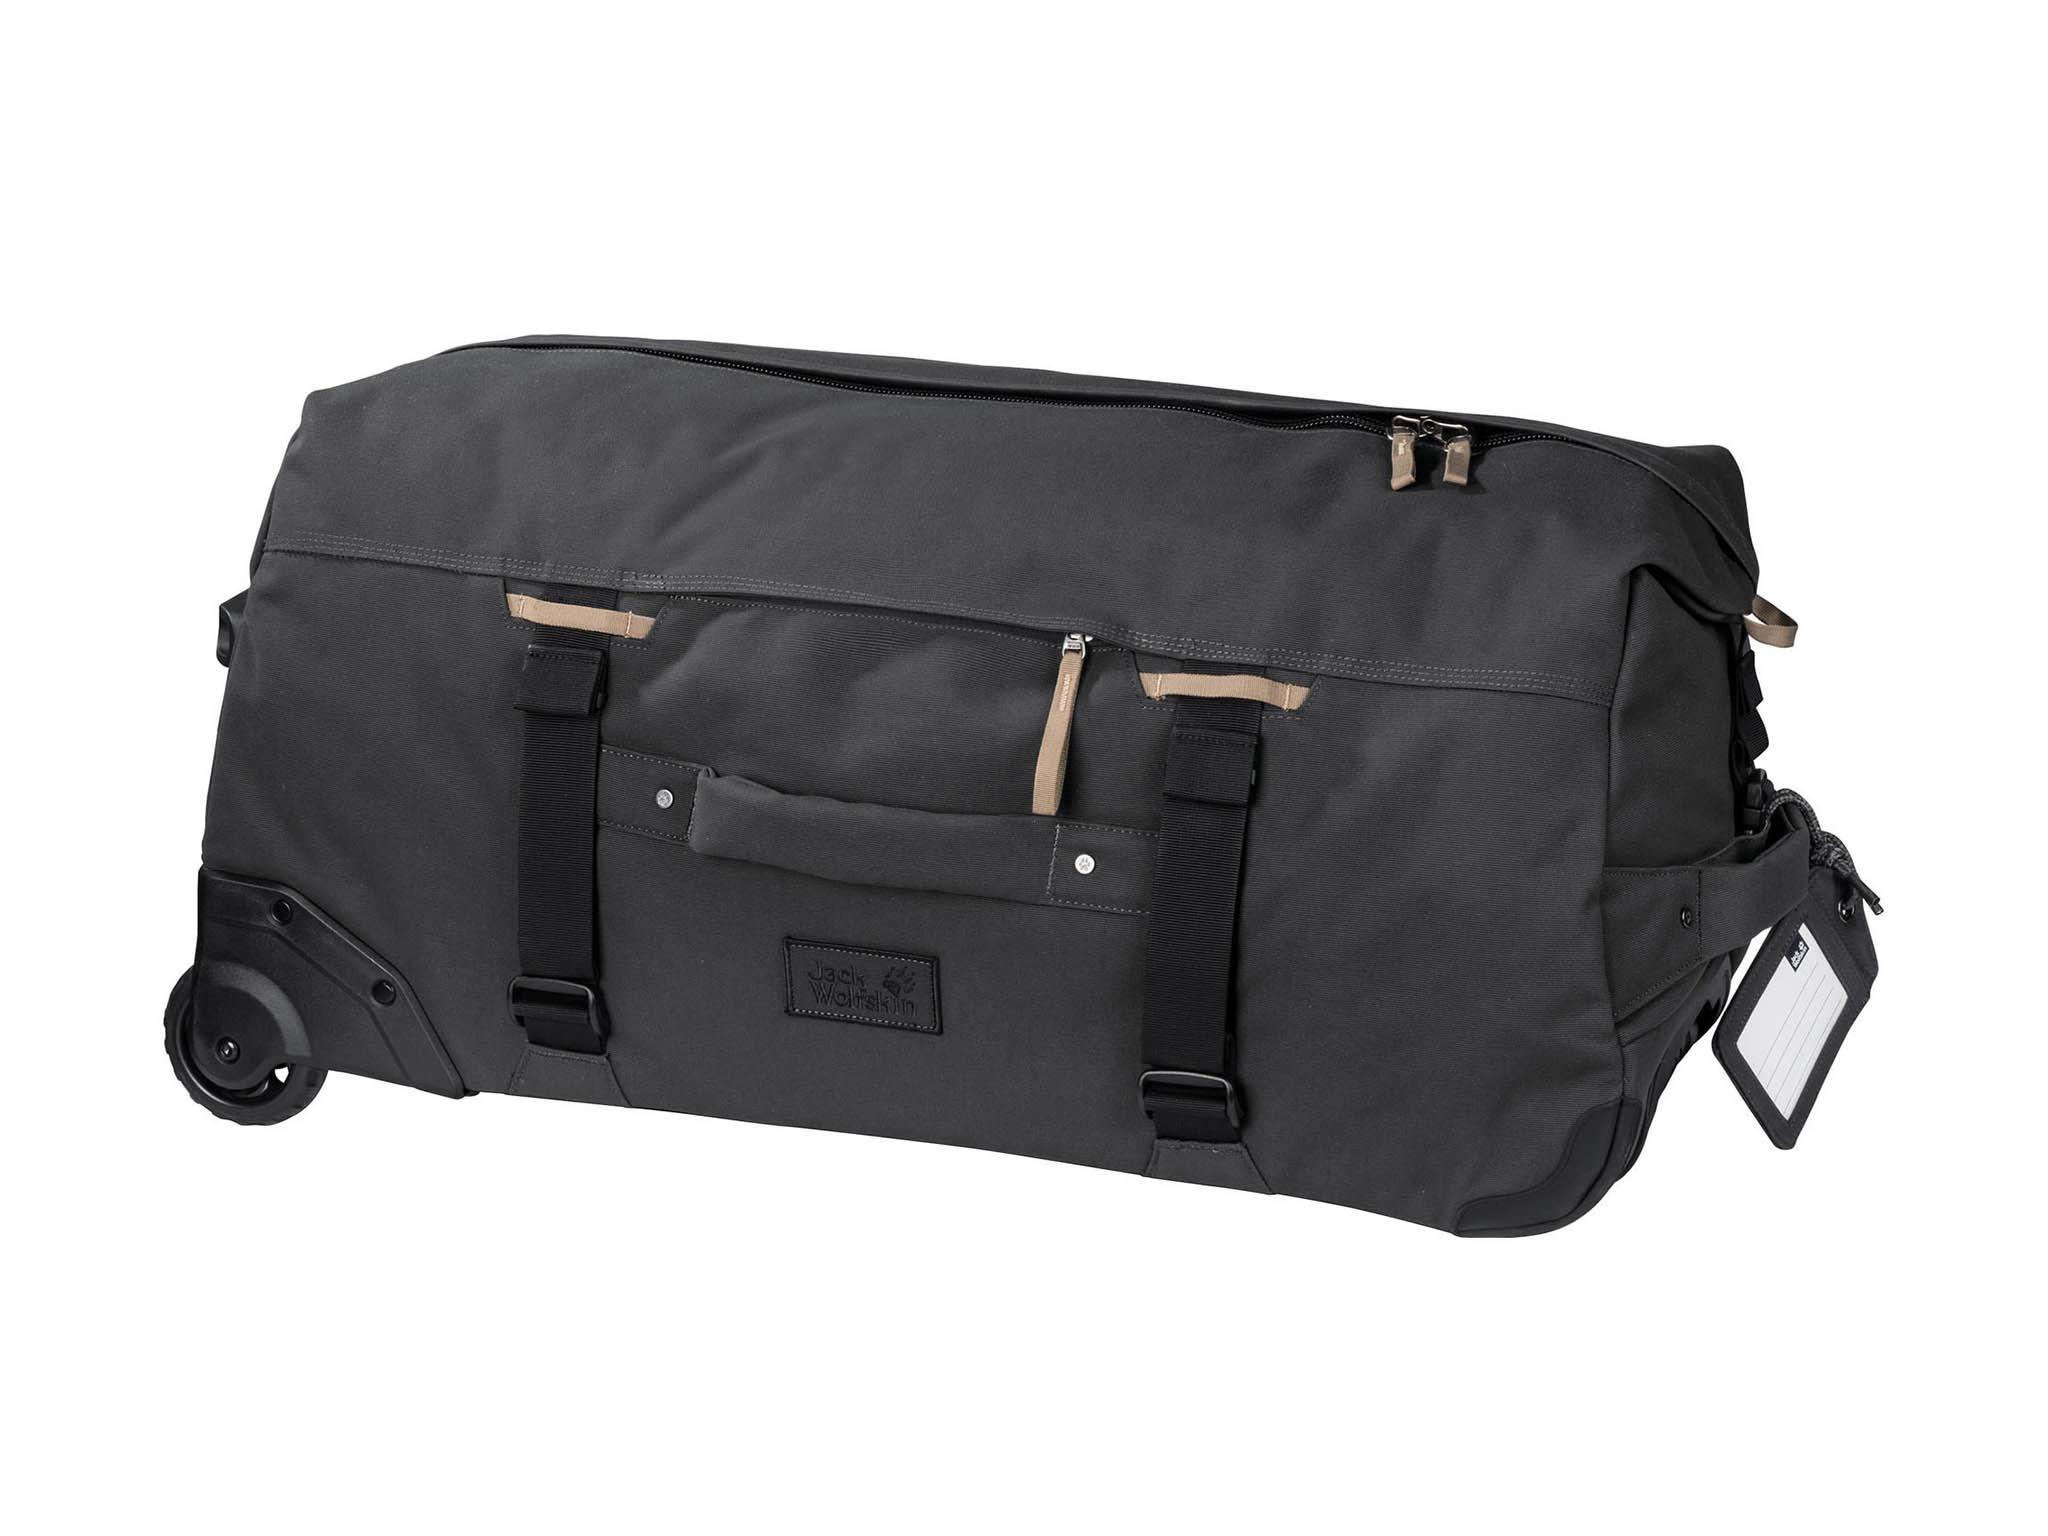 Jack Wolfskin Mens 2019 Action Bag 45 Litre Sports Travel Bag Holdall